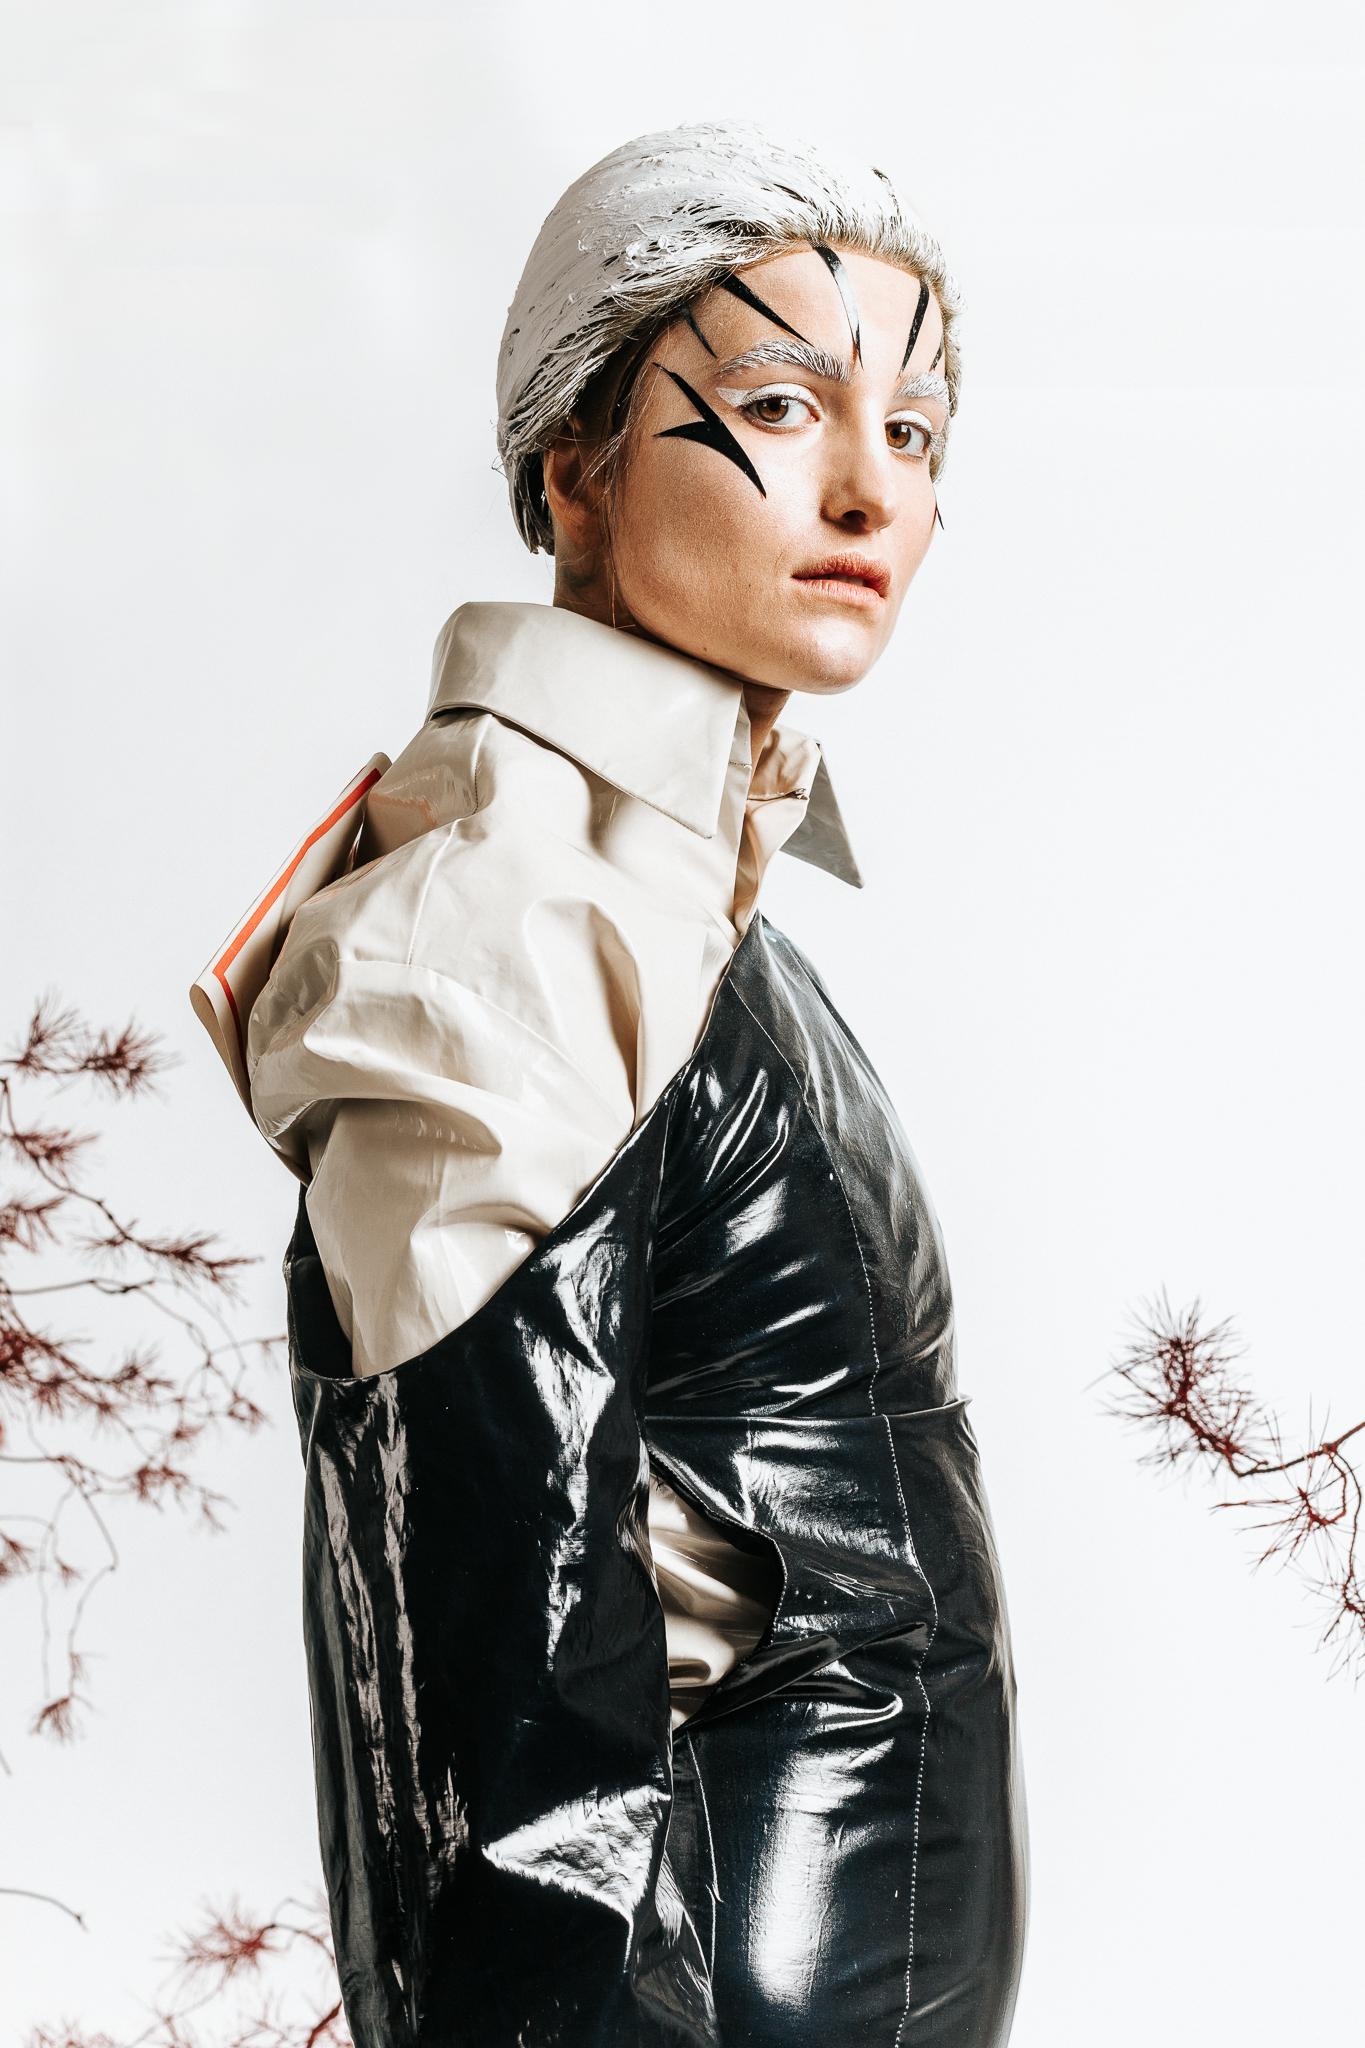 LJK-20190202-0745-Edit (1)